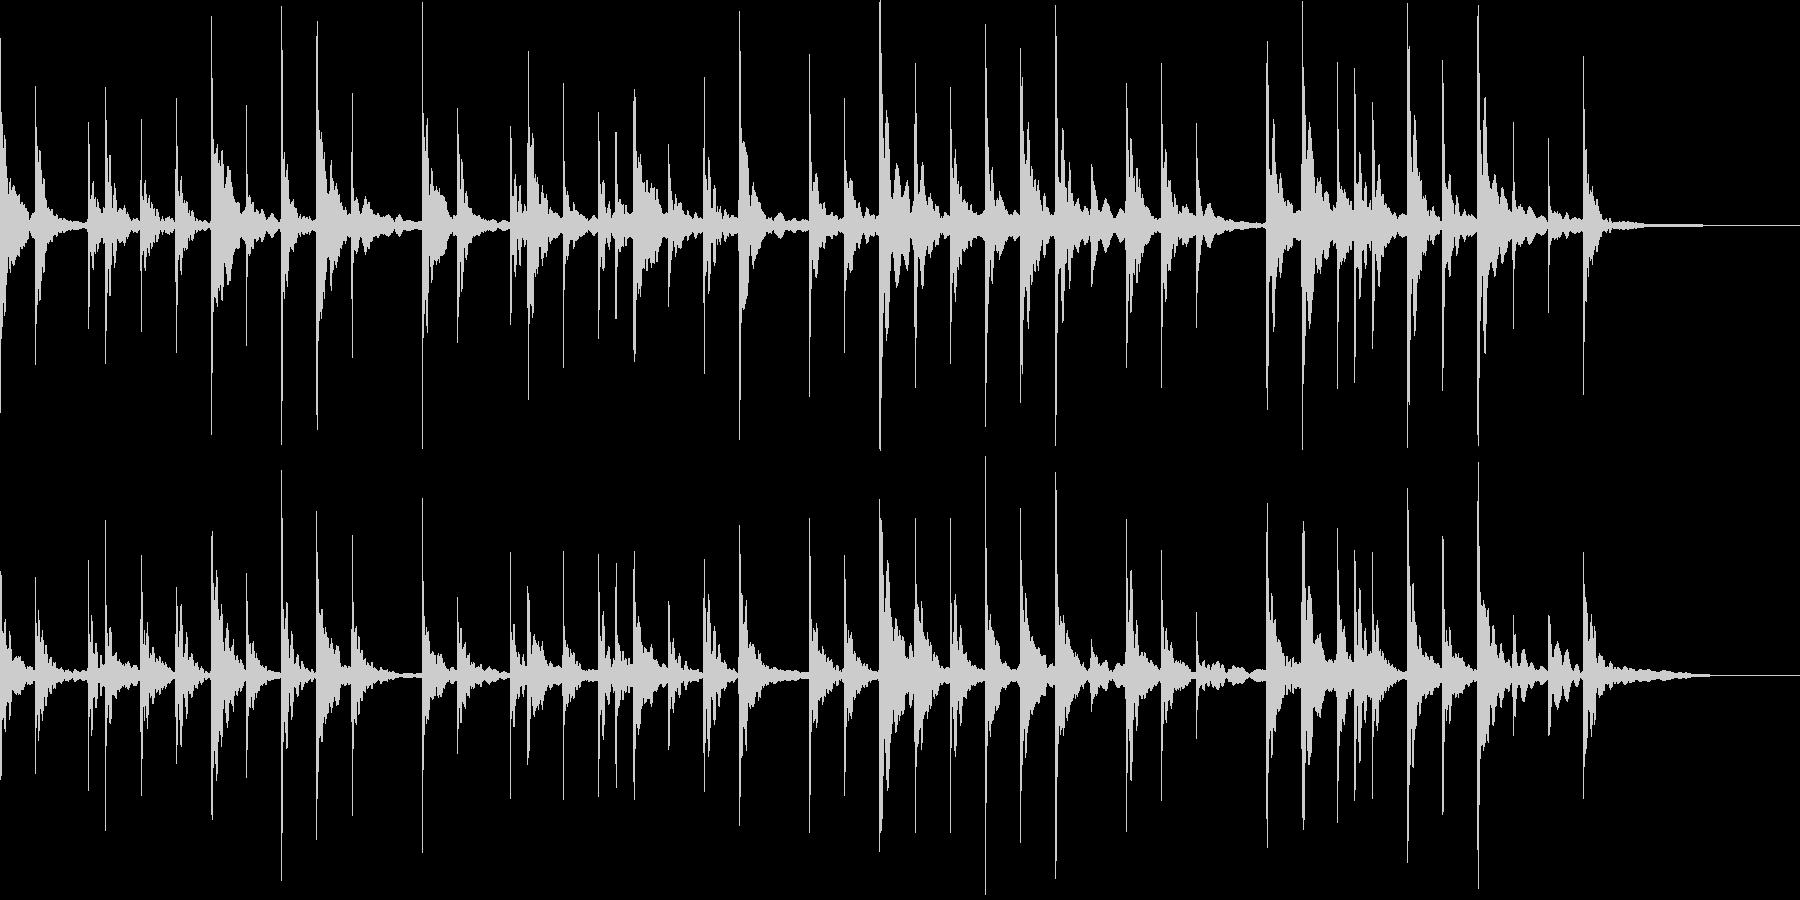 オルゴールをメインのゆるい感じの曲の未再生の波形